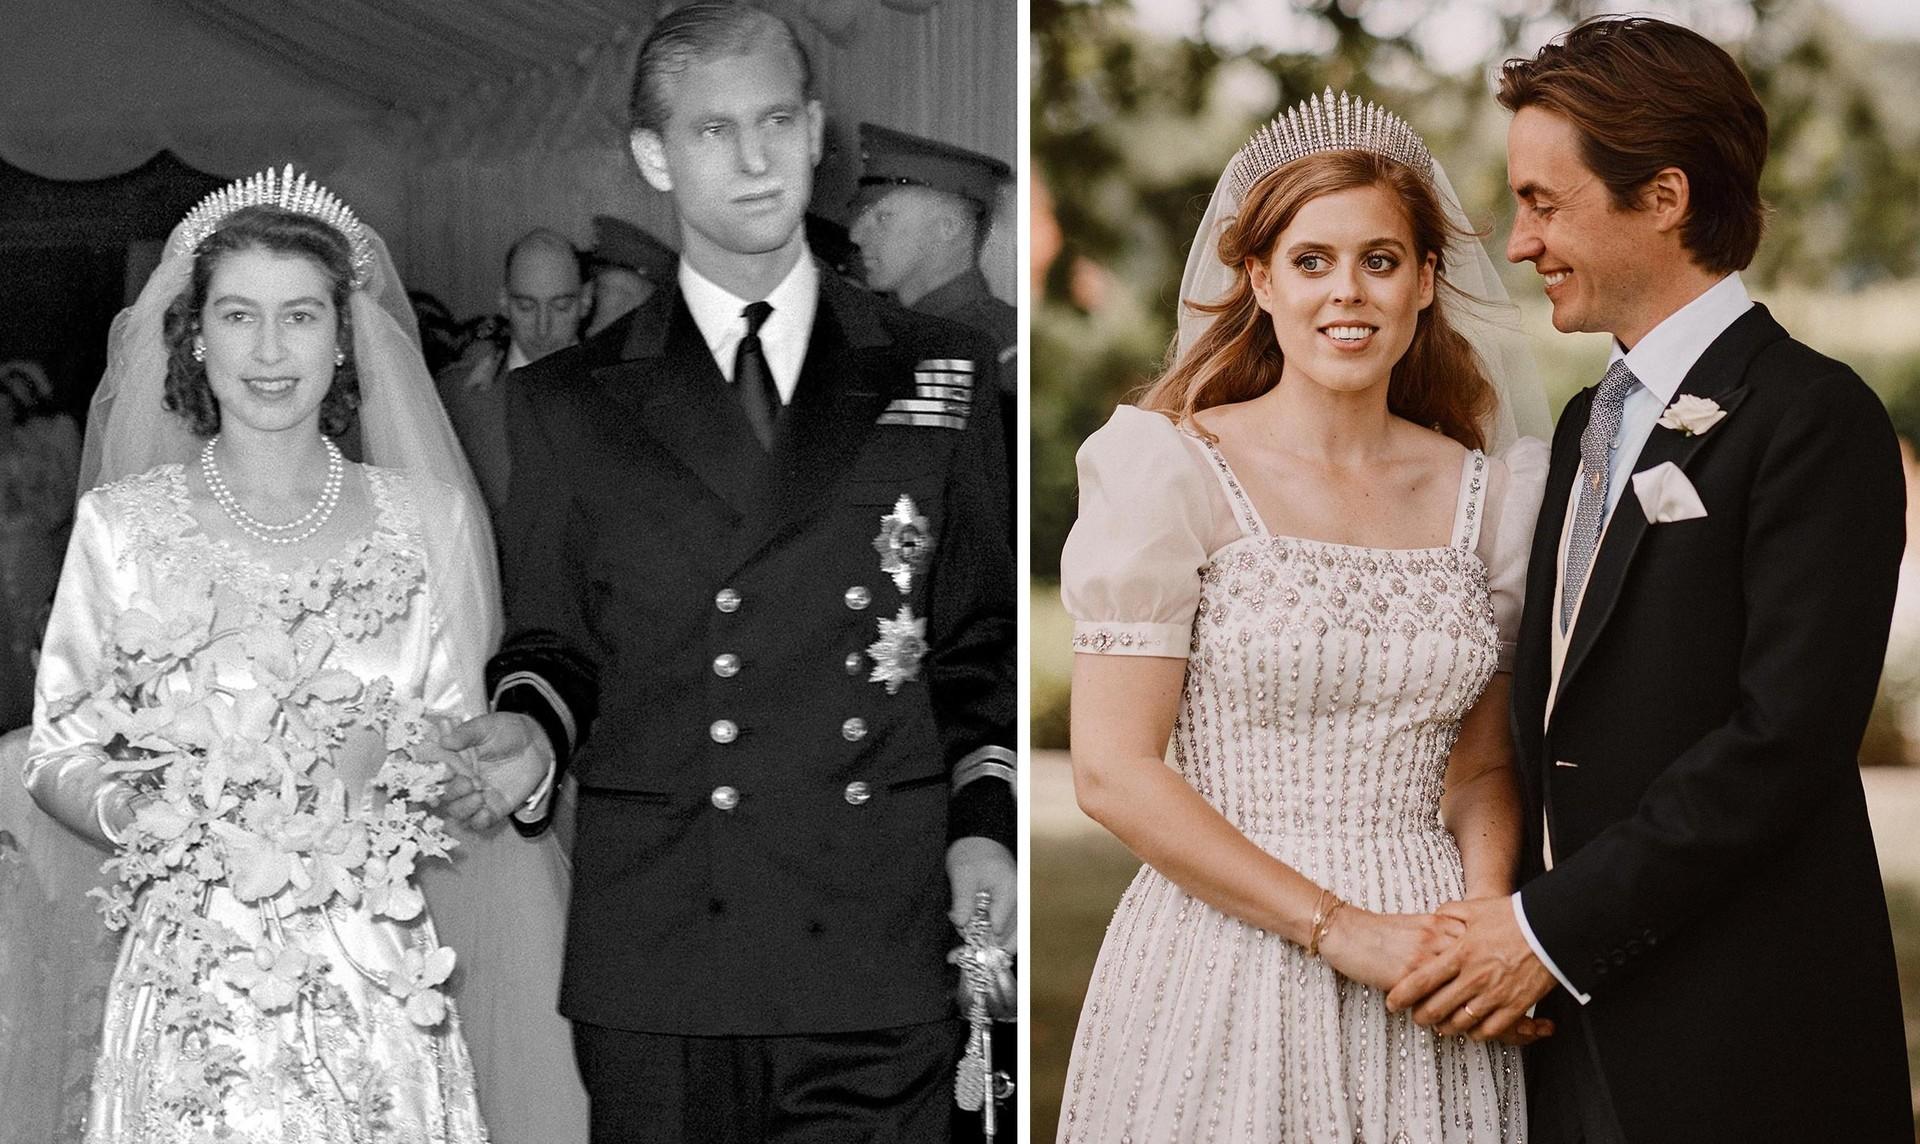 Елизавета II во франж-тиаре на собственной свадьбе в 1947 году и ее внучка принцесса Беатрис на своей свадьбе в июле 2020 в этой же тиаре.